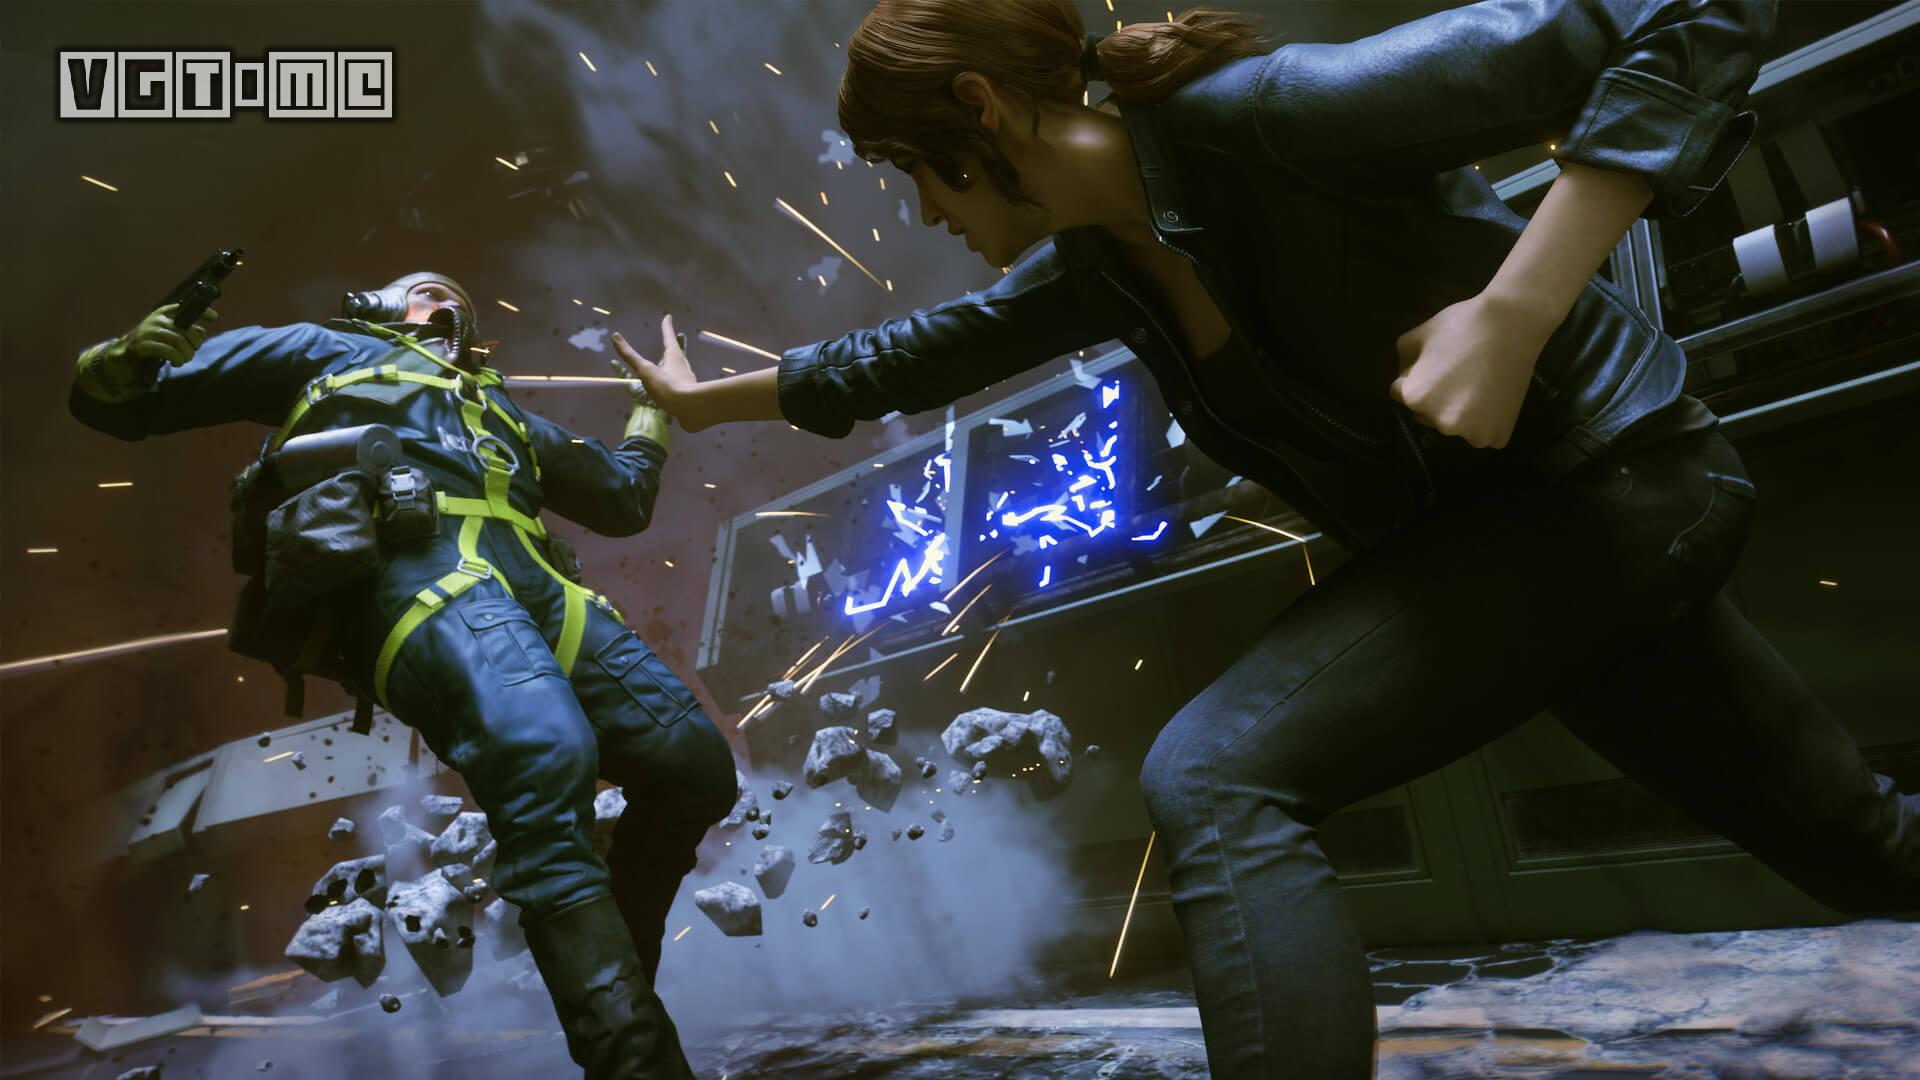 《控制 终极版》将推出PS4亚洲实体版 10月20日发售